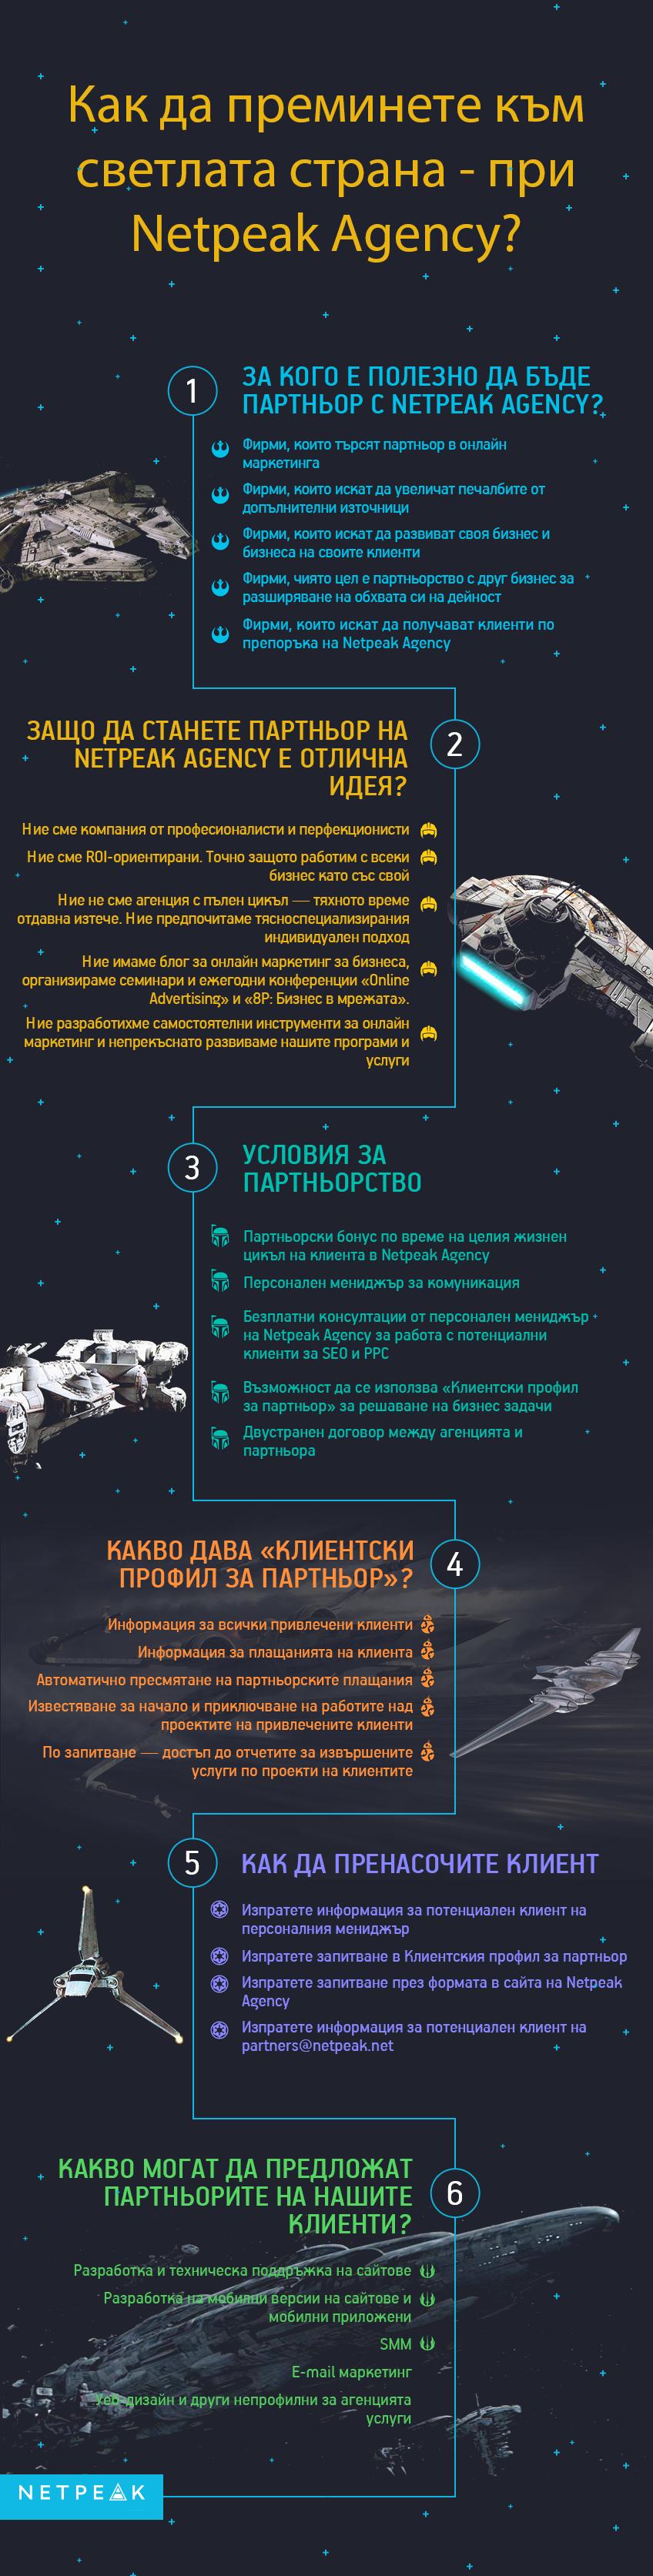 Как да станете партньор на Netpeak Agency — инфографика